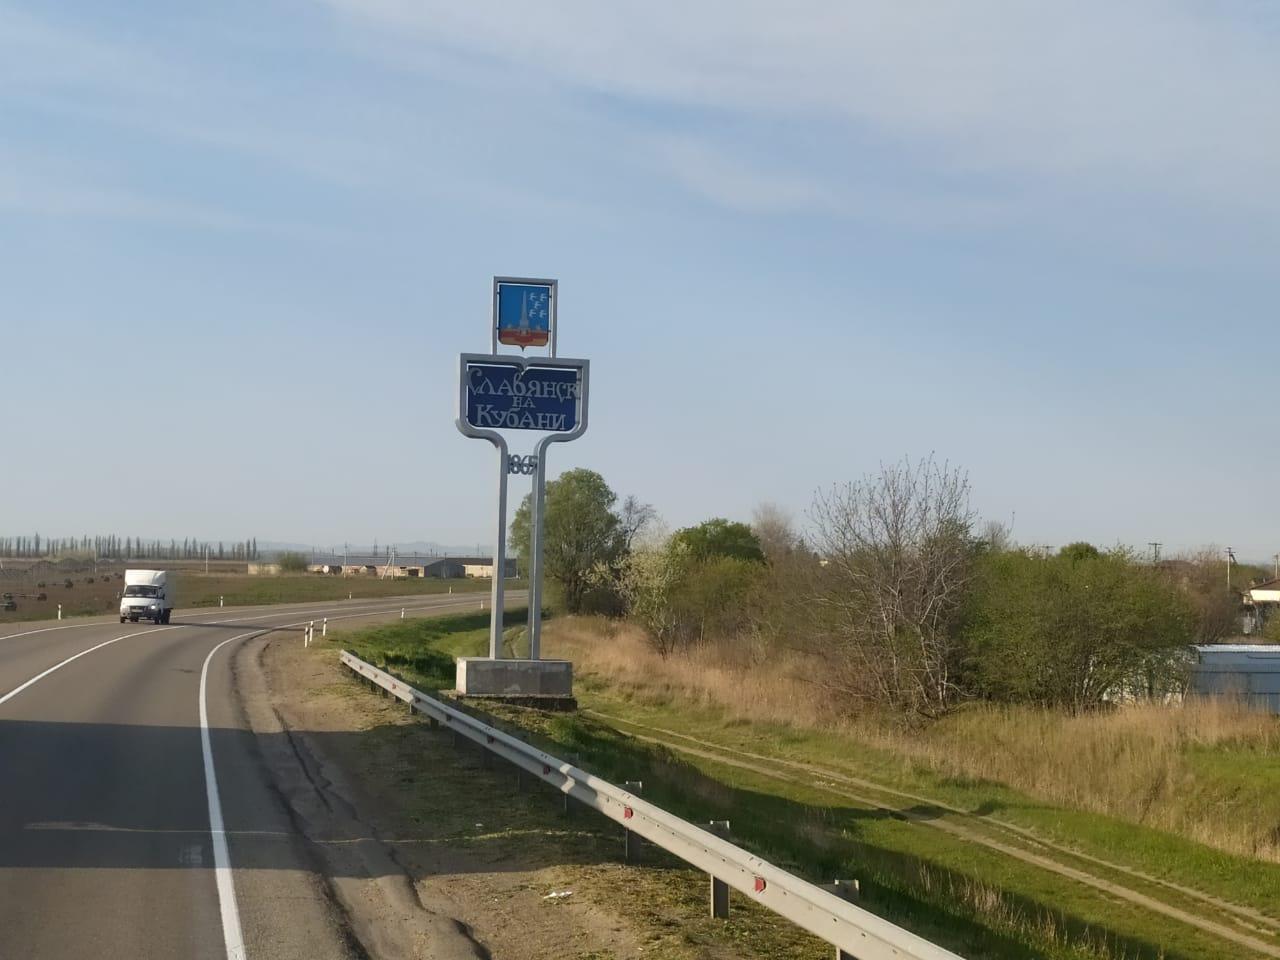 Уехать в отпуск и не вернуться? Как жительница Новороссийска пересекала Краснодарский край на попутках